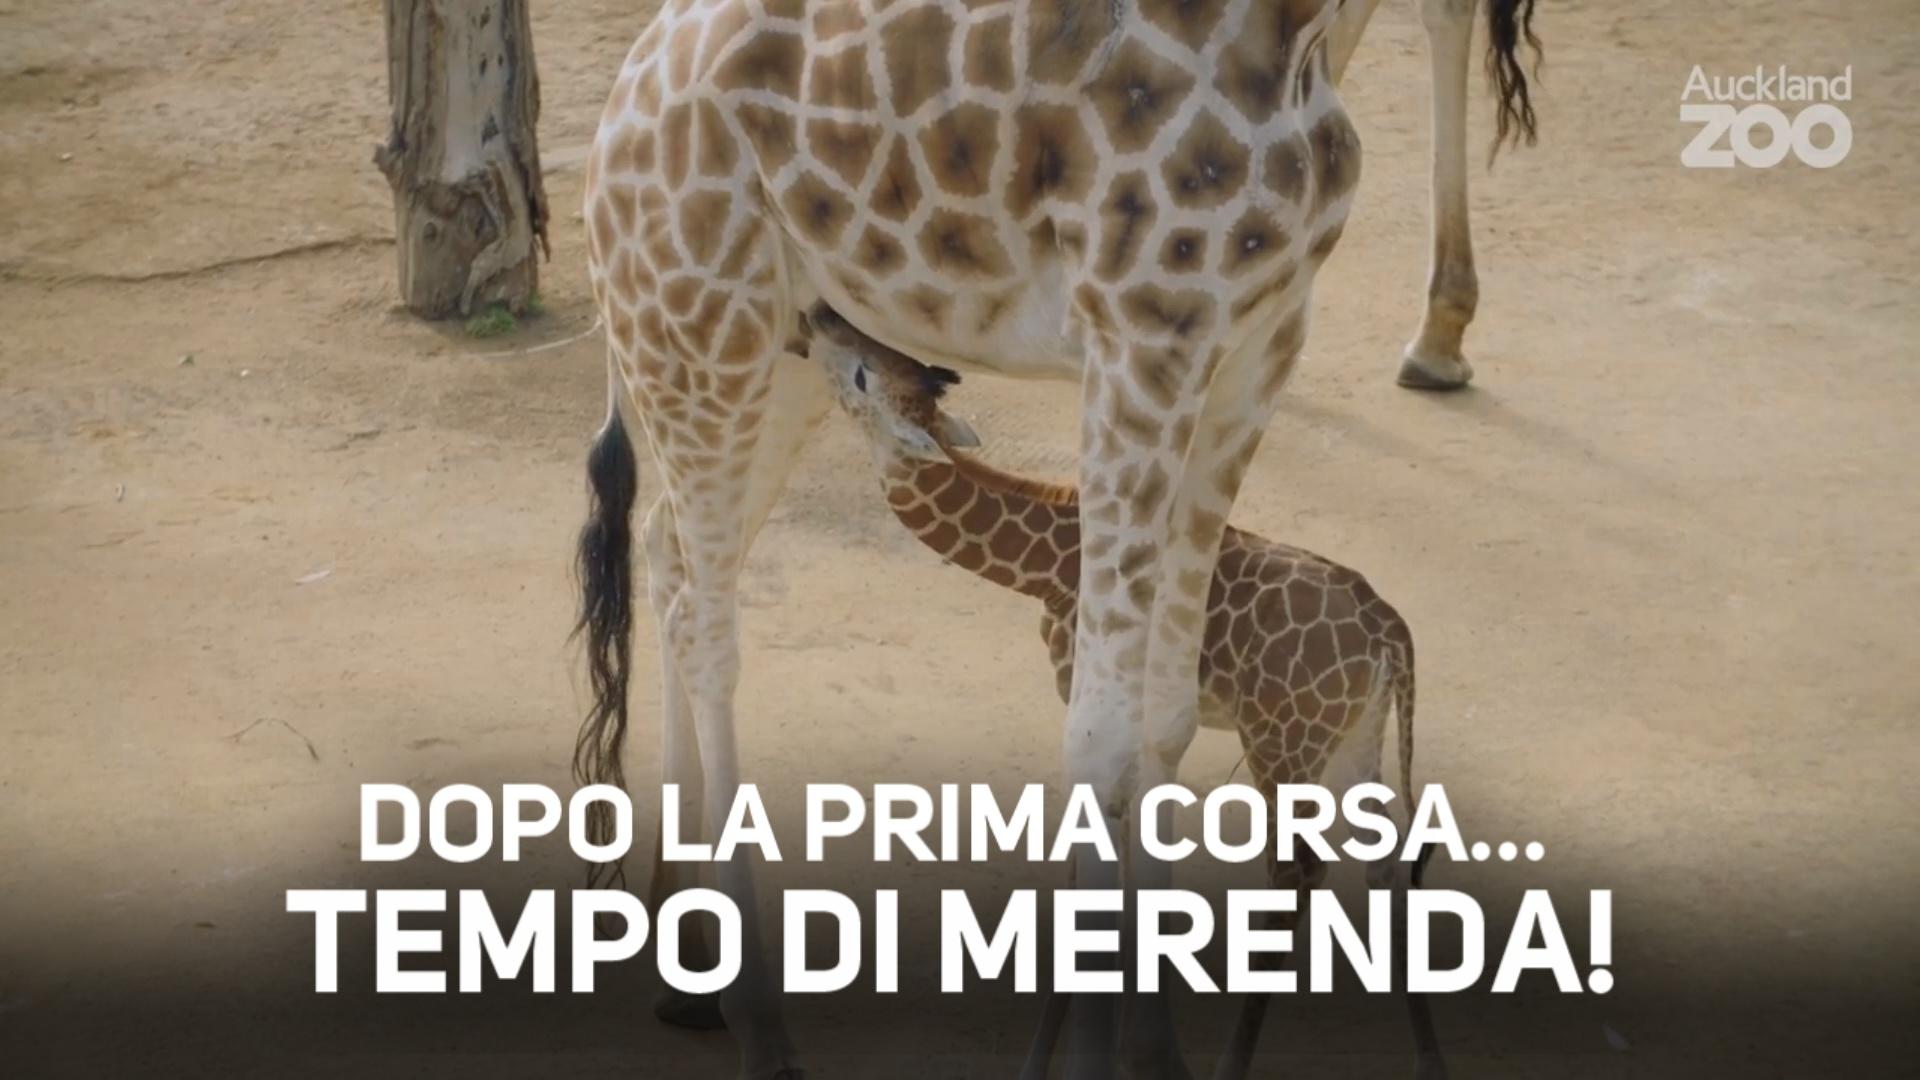 Dolce! Baby giraffa alla scoperta del mondo